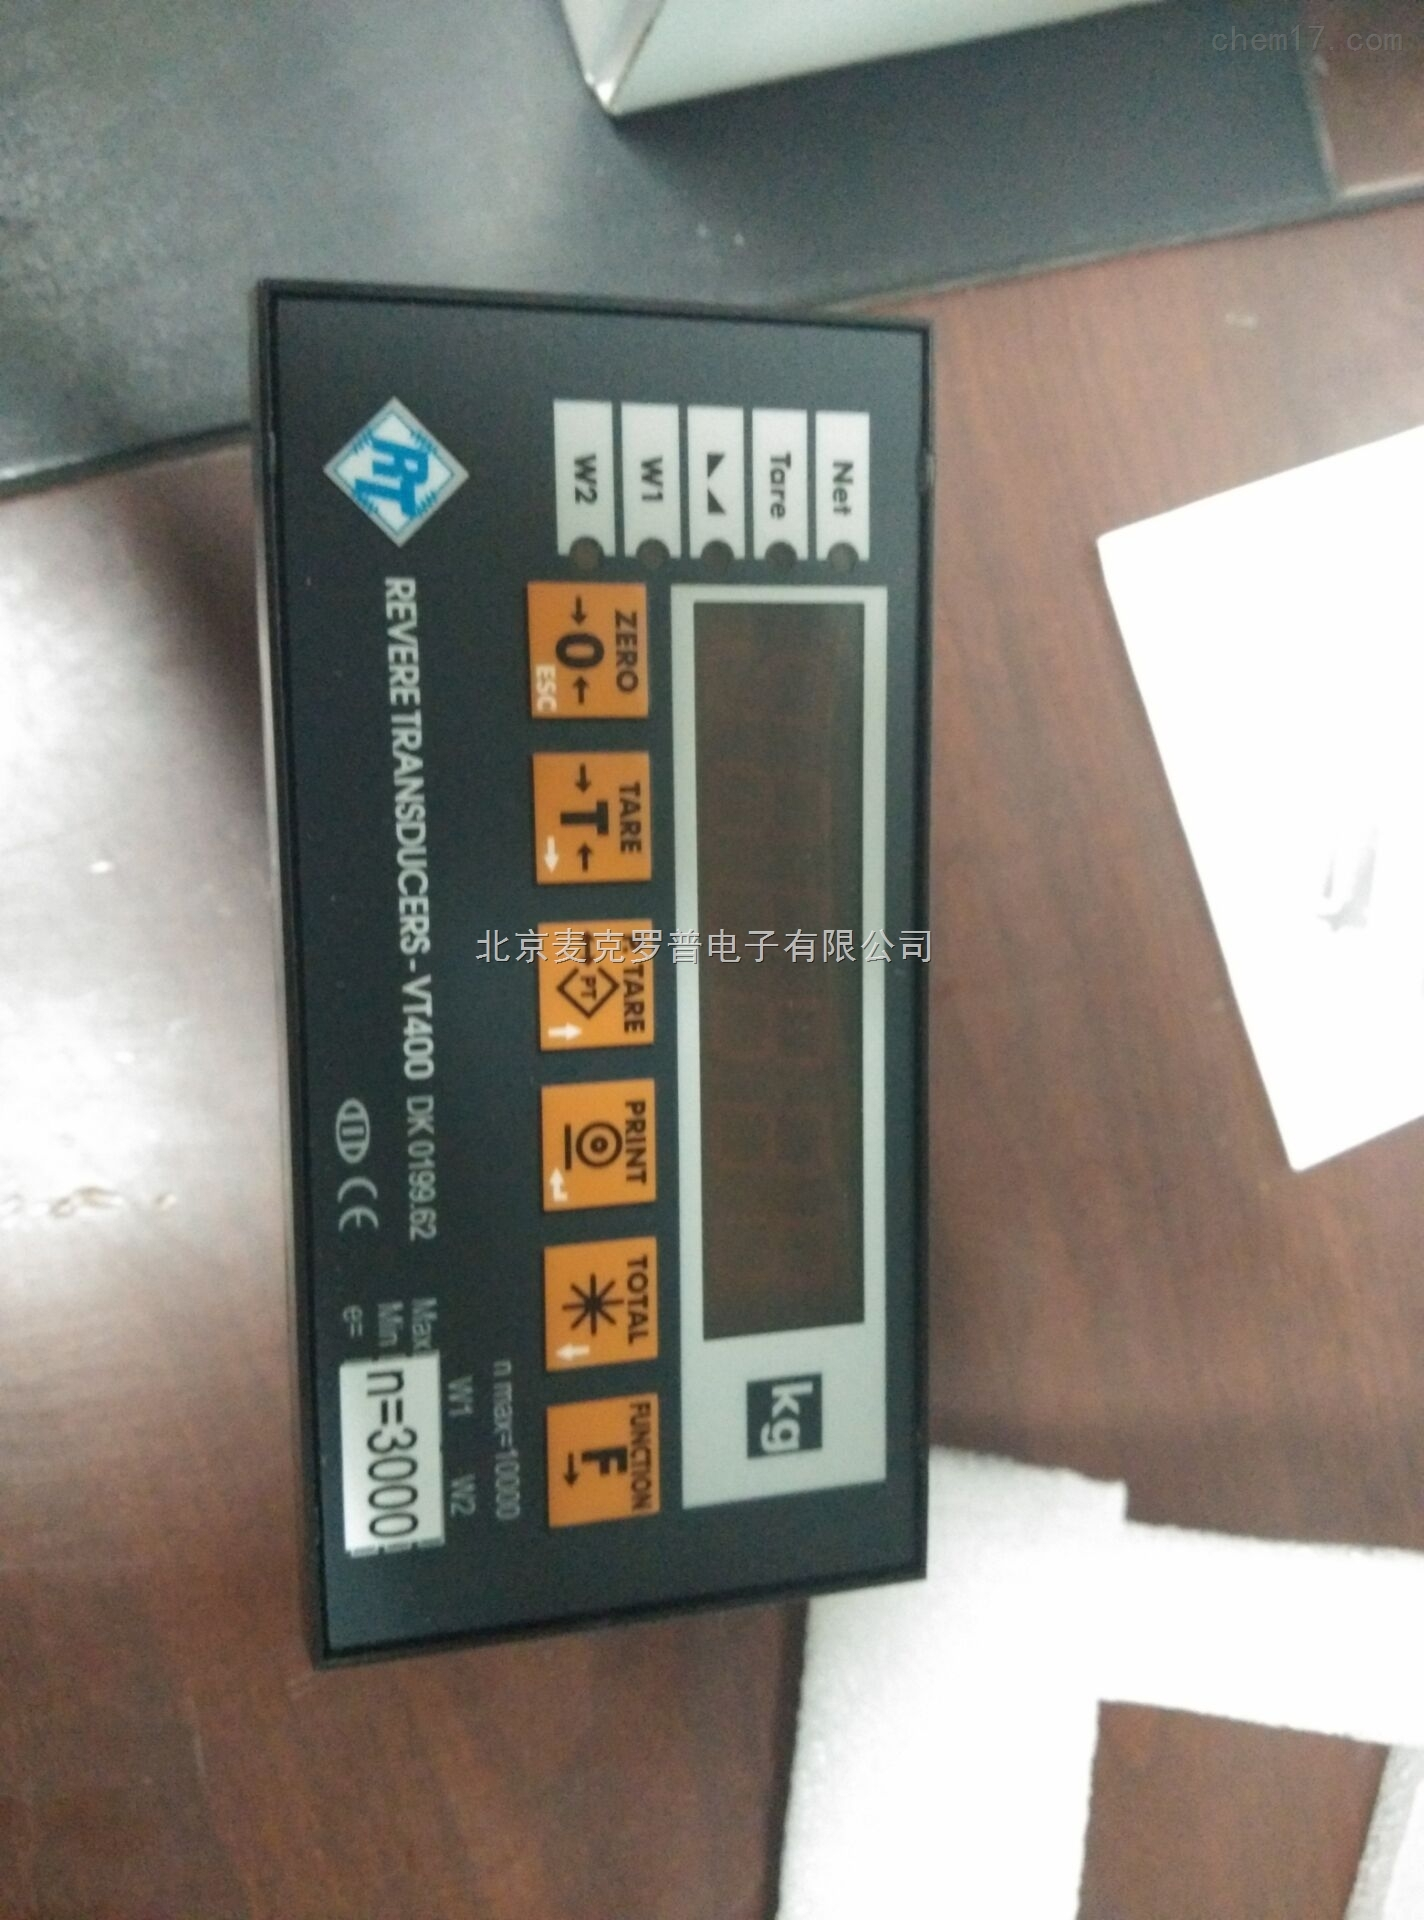 电子电工仪器 数显仪表 显示控制器 vt400 美国vishay仪表 vt400 称重